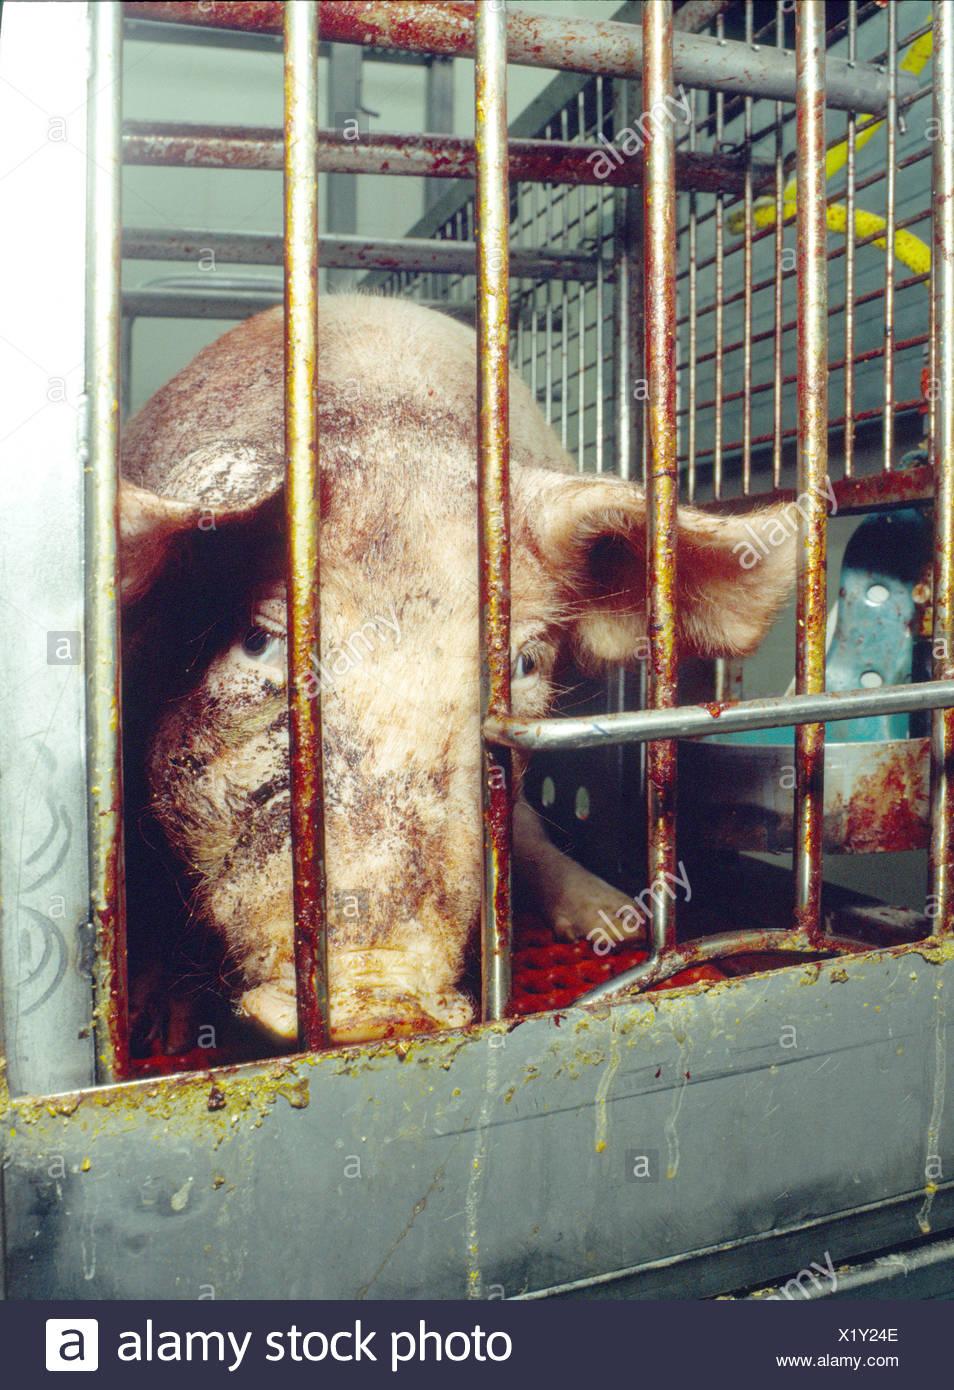 Haltung von Haustieren Viehzucht problematisch Käfig Tier Box Problem ausgeschlossen Angst Emotion Erschöpfung rese Stockbild